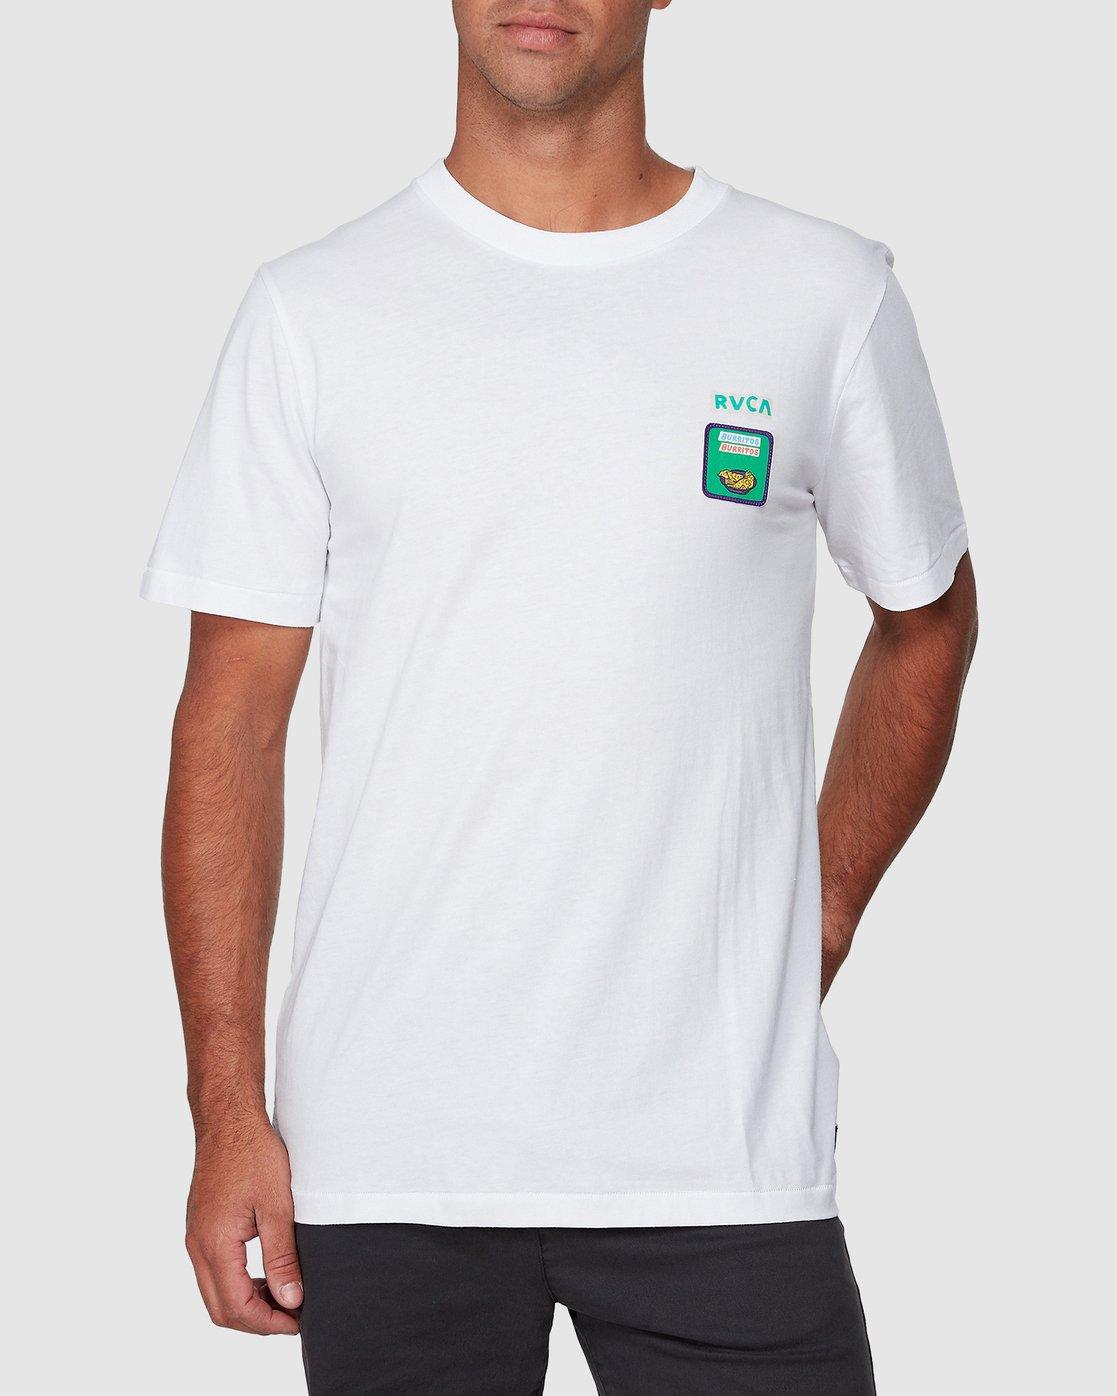 0 Hot Fudge Short Sleeve Tee  R107069 RVCA